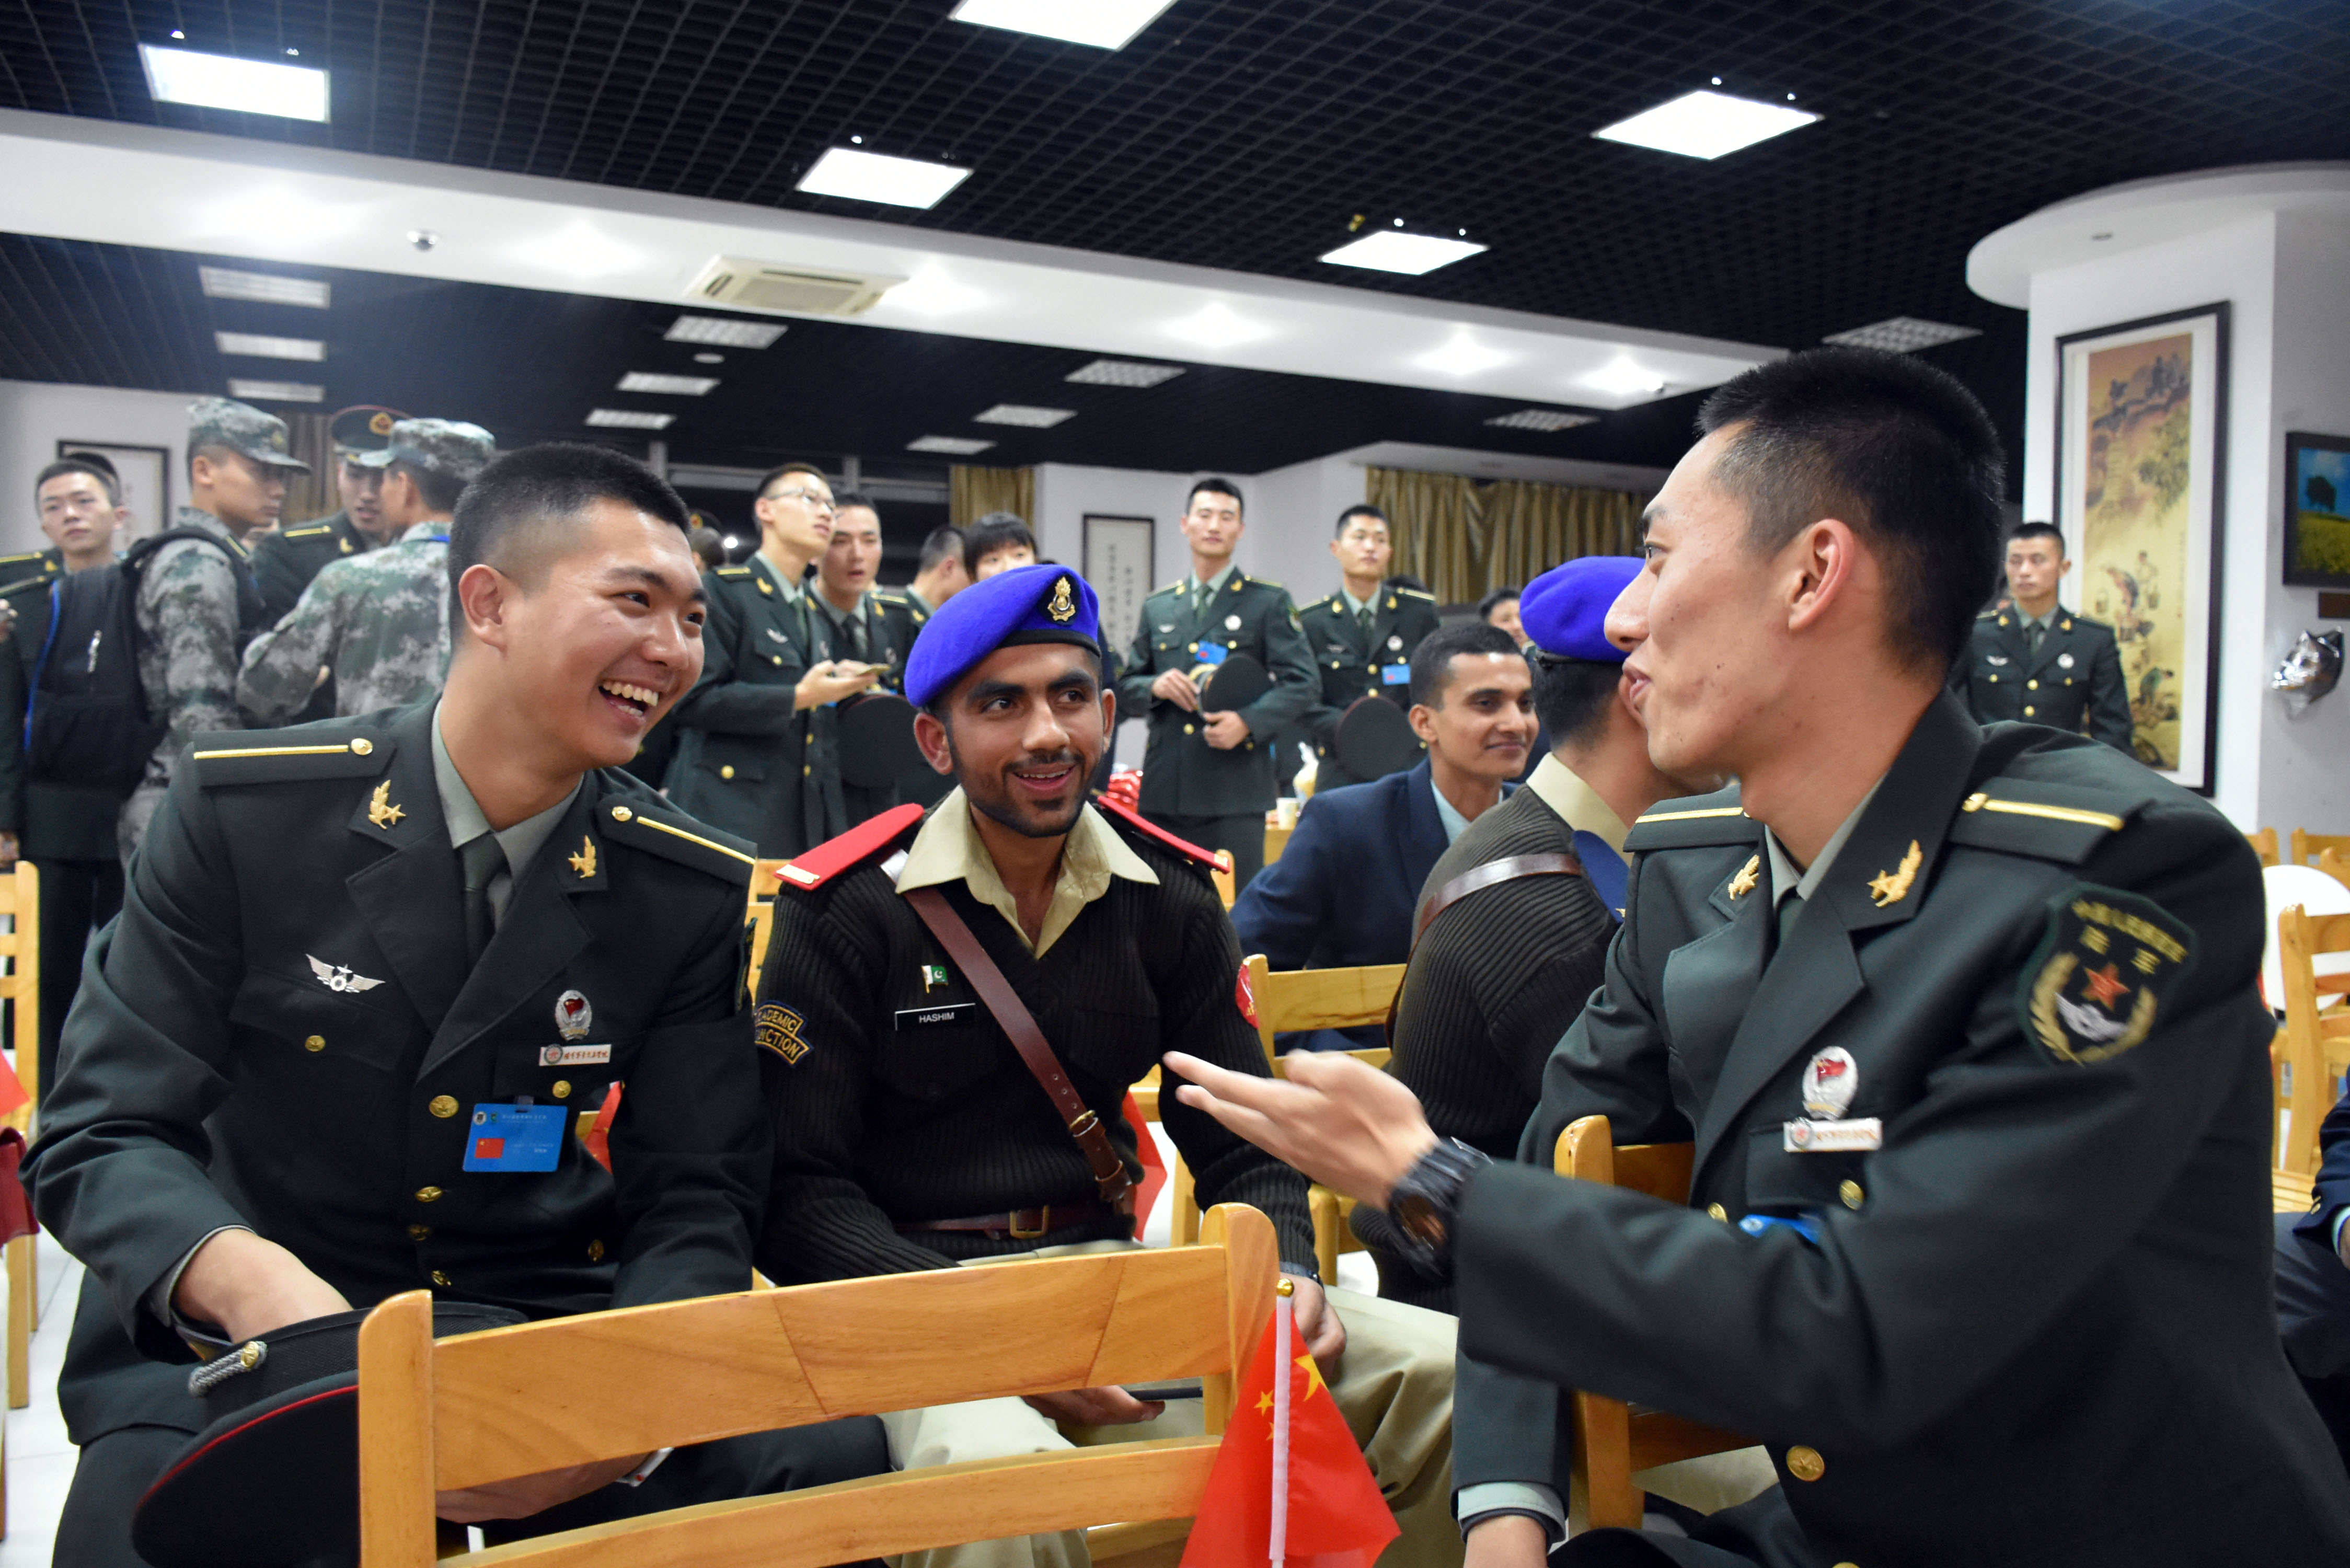 外军学习解放军操练 日本学员进行队列展示(图)